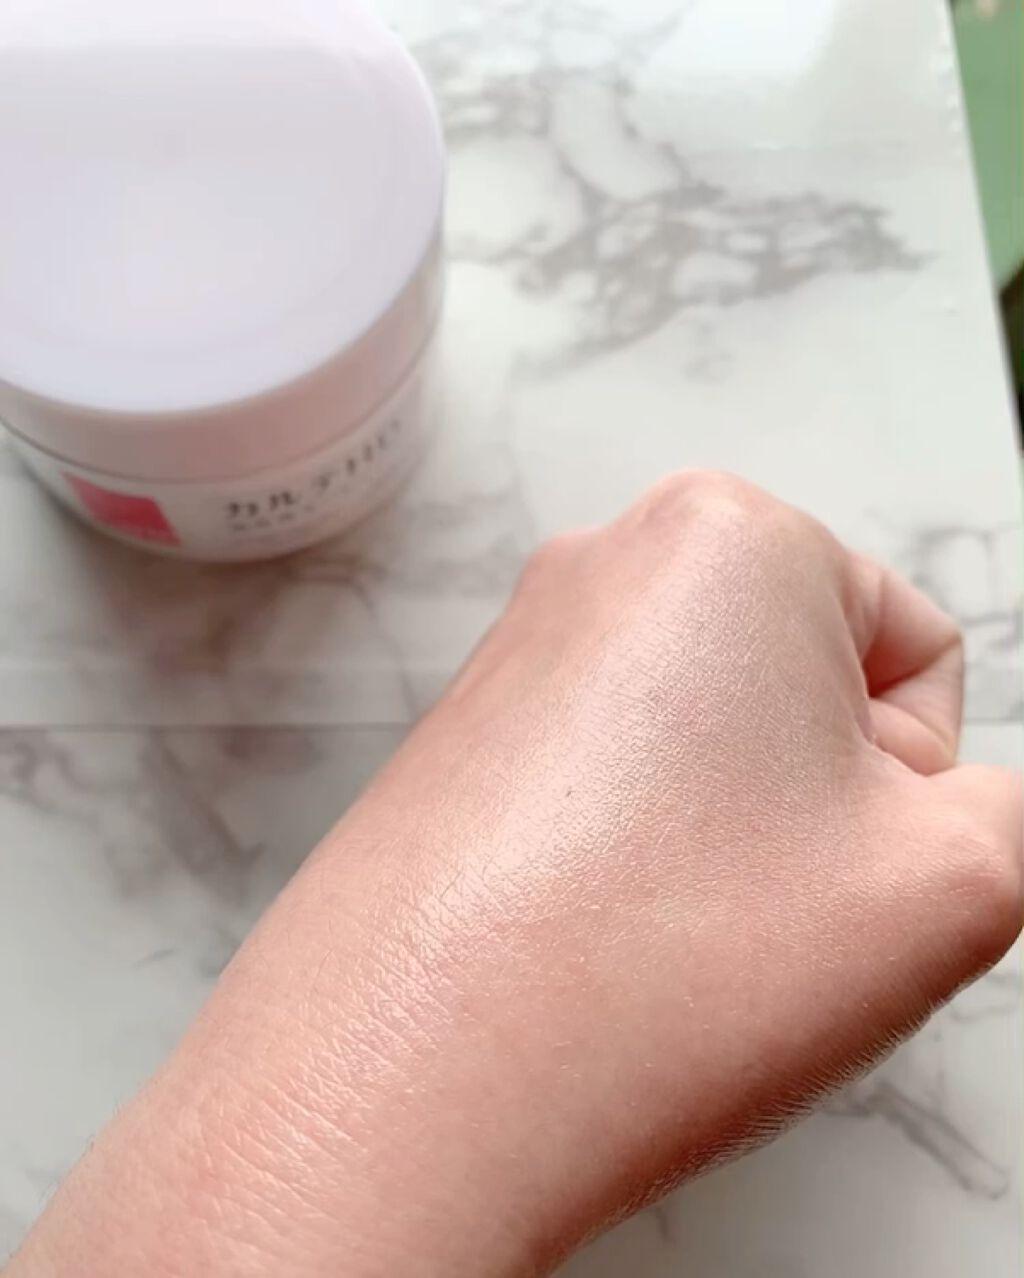 カルテHD モイスチュア インストール 高保湿オールインワン/Carté/オールインワン化粧品を使ったクチコミ(4枚目)